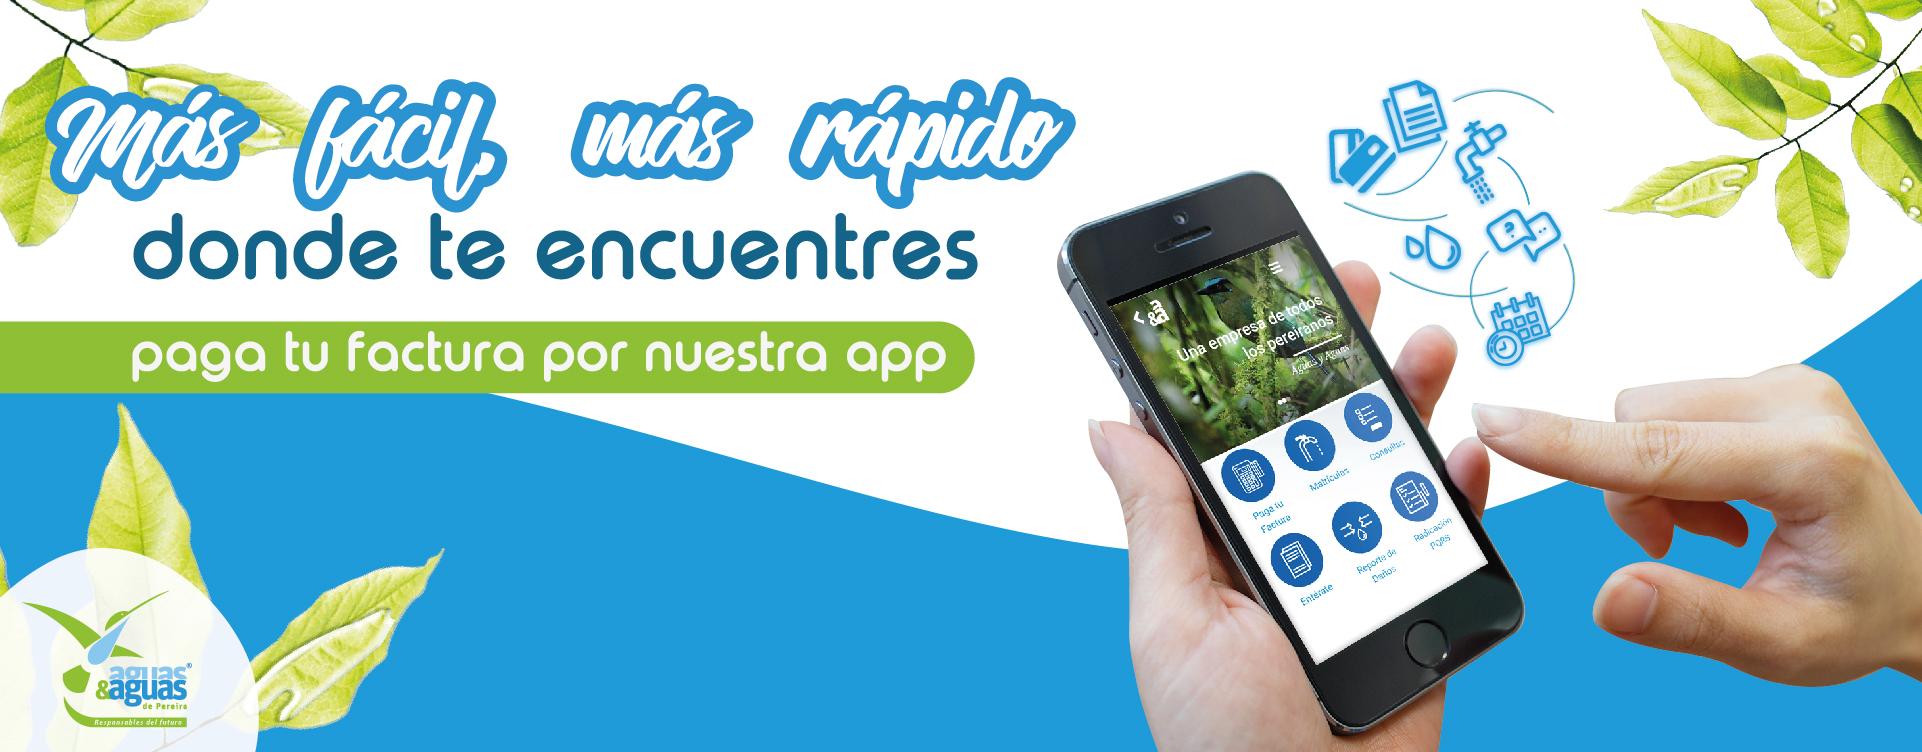 app02019